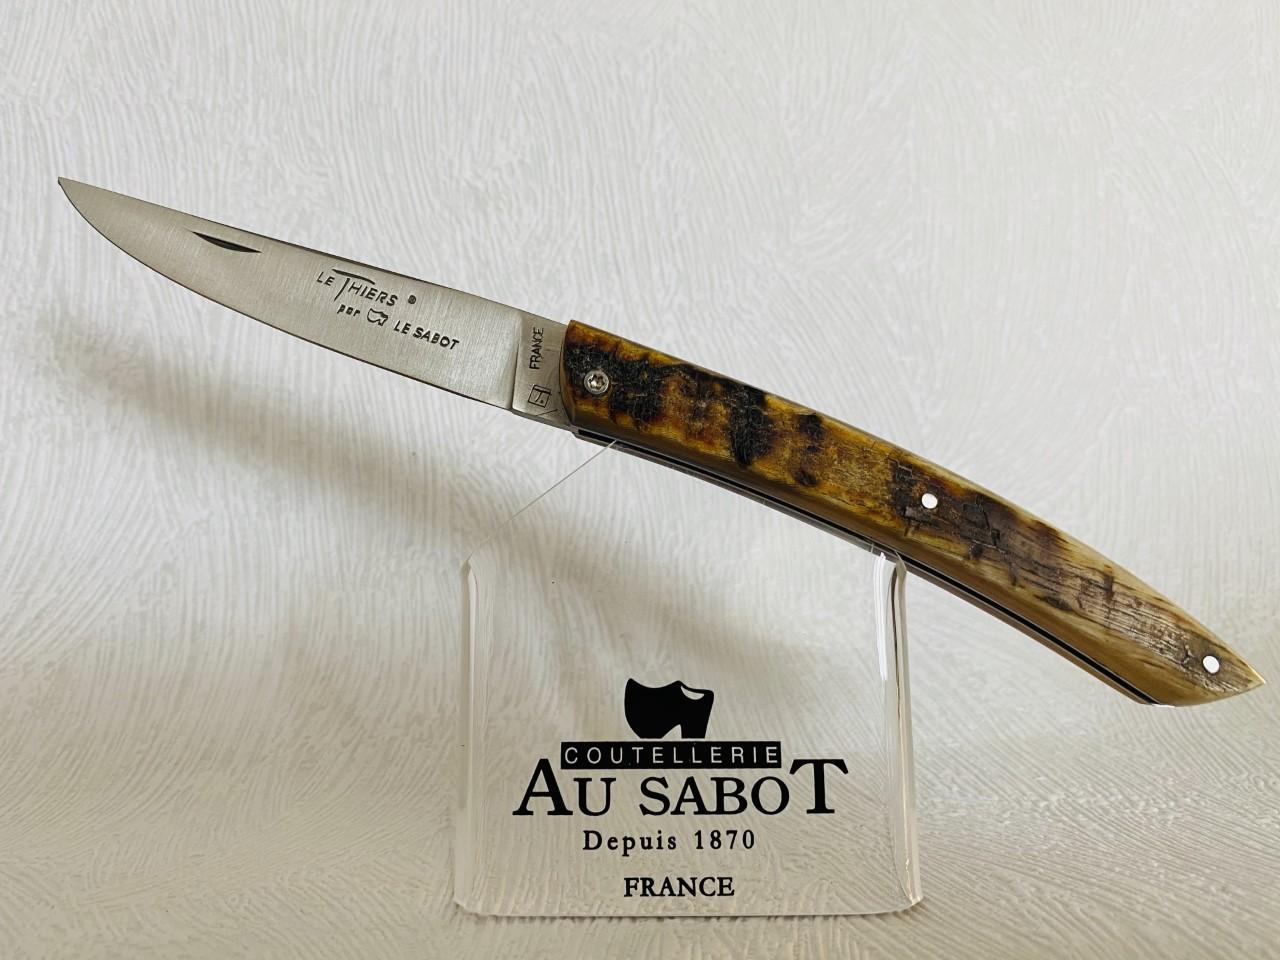 Couteau de Poche Le Thiers manche en corne de bélier au prix de 85,90 euros .